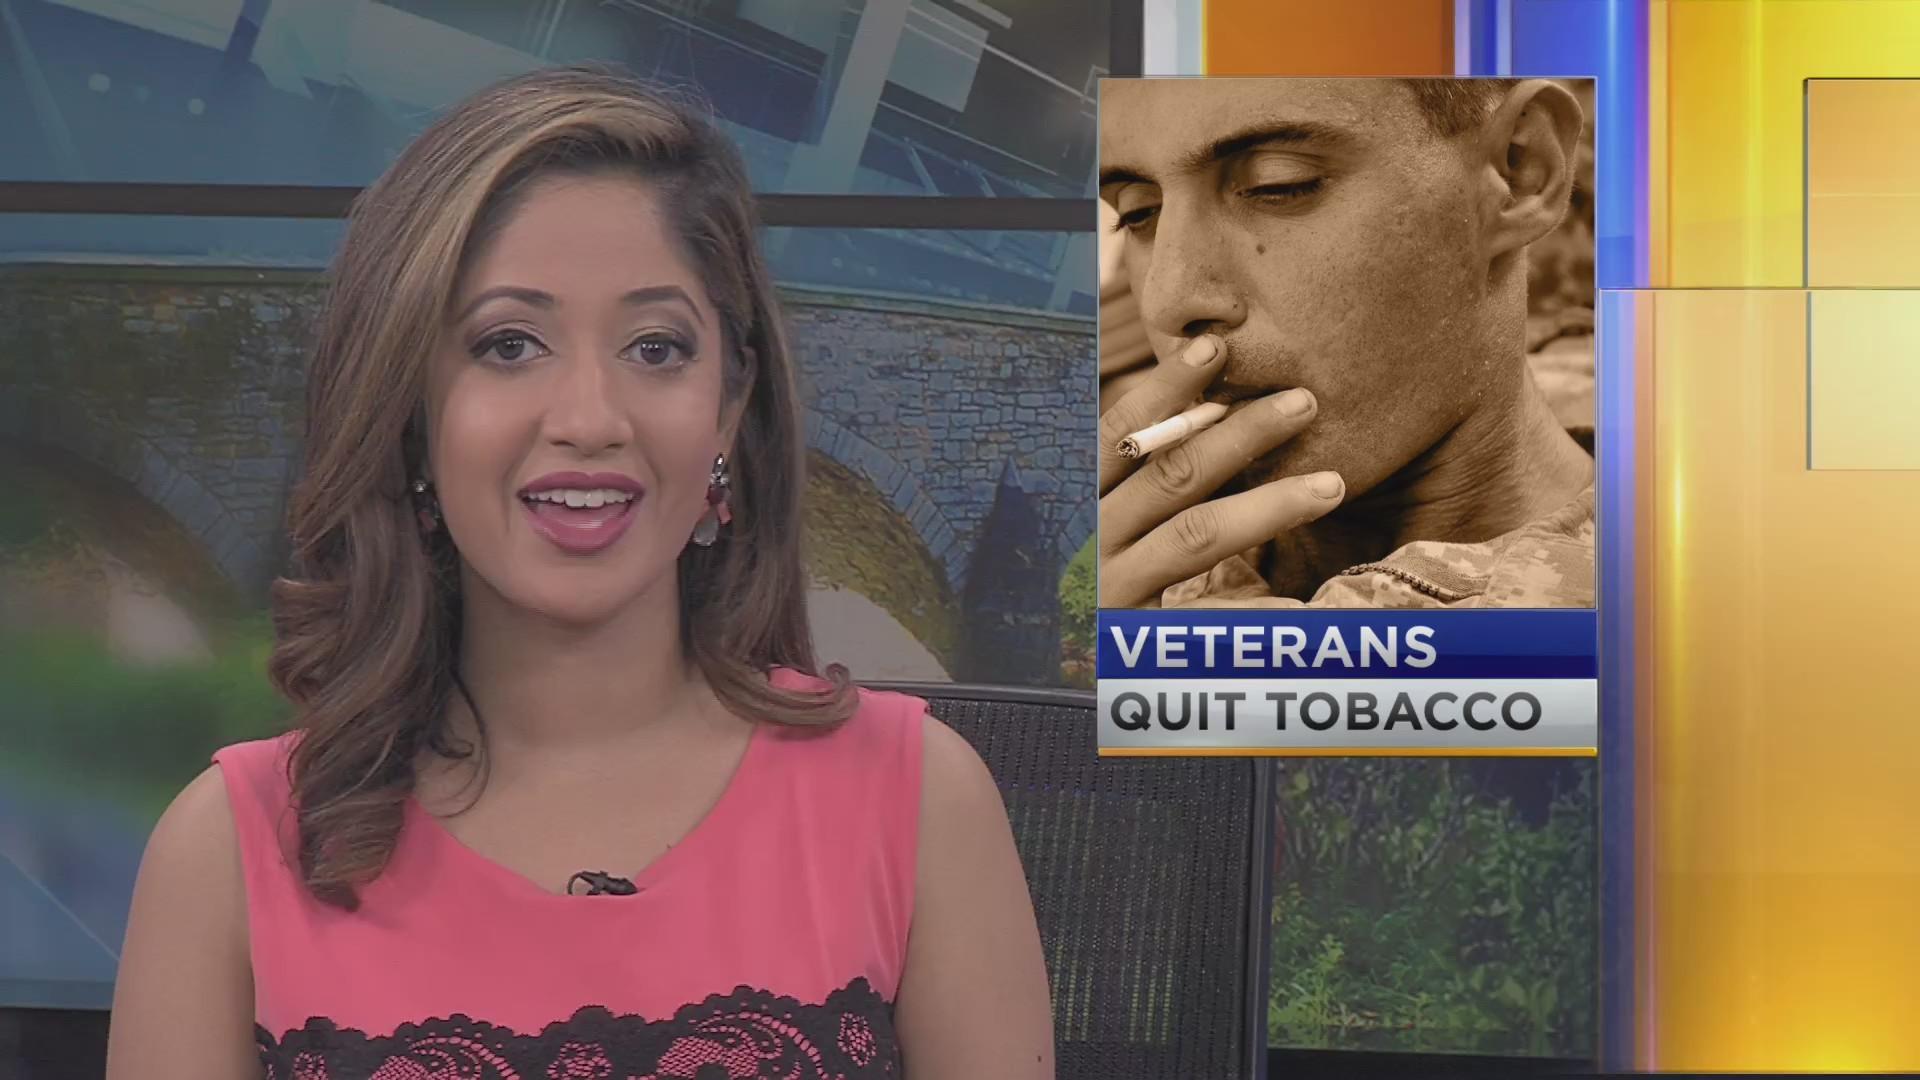 Veterans_quit_tobacco_0_20190212222102